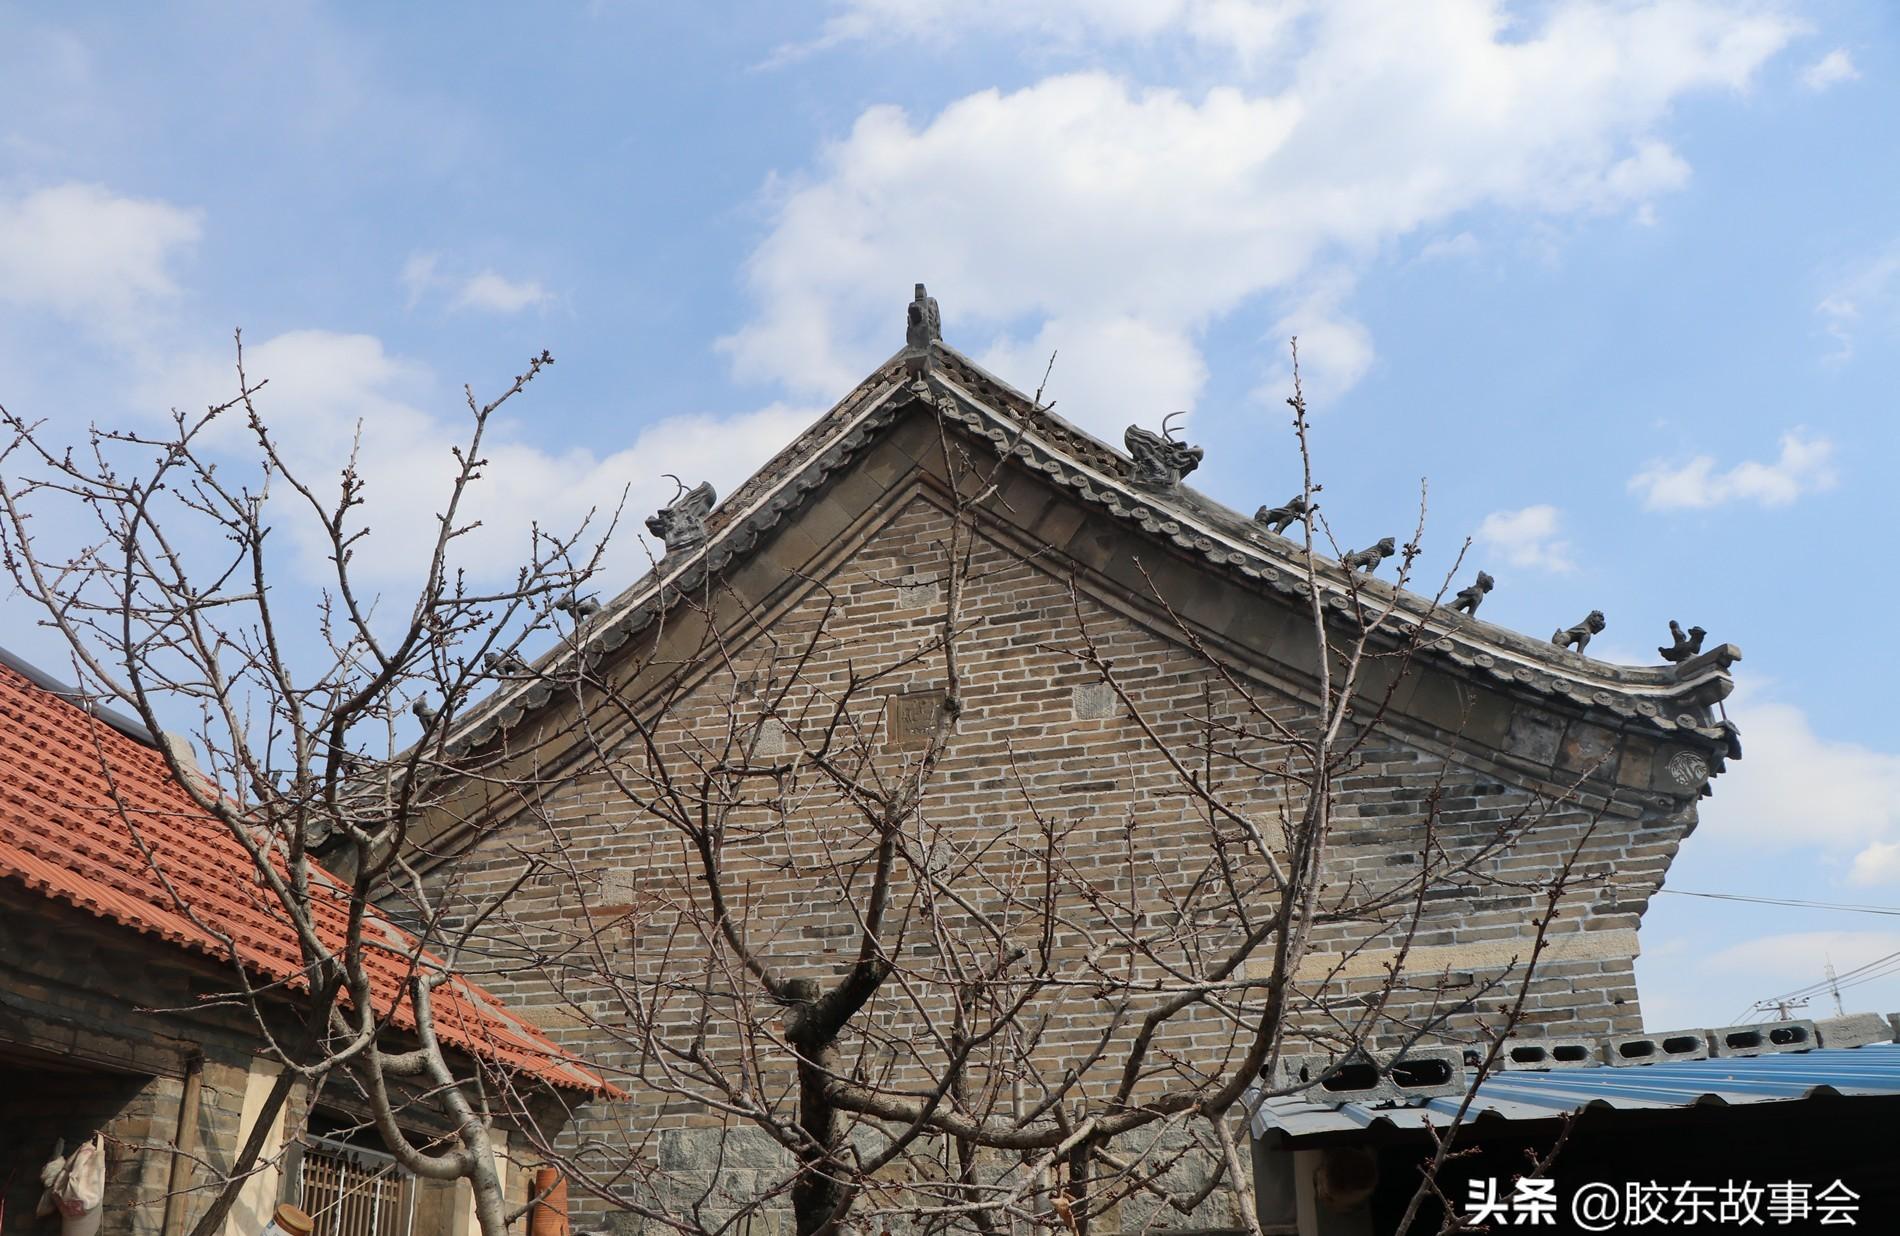 山东潍坊的临朐分布着一批衣姓人,他们是从哪迁徙而来,源流在哪,你知道吗?